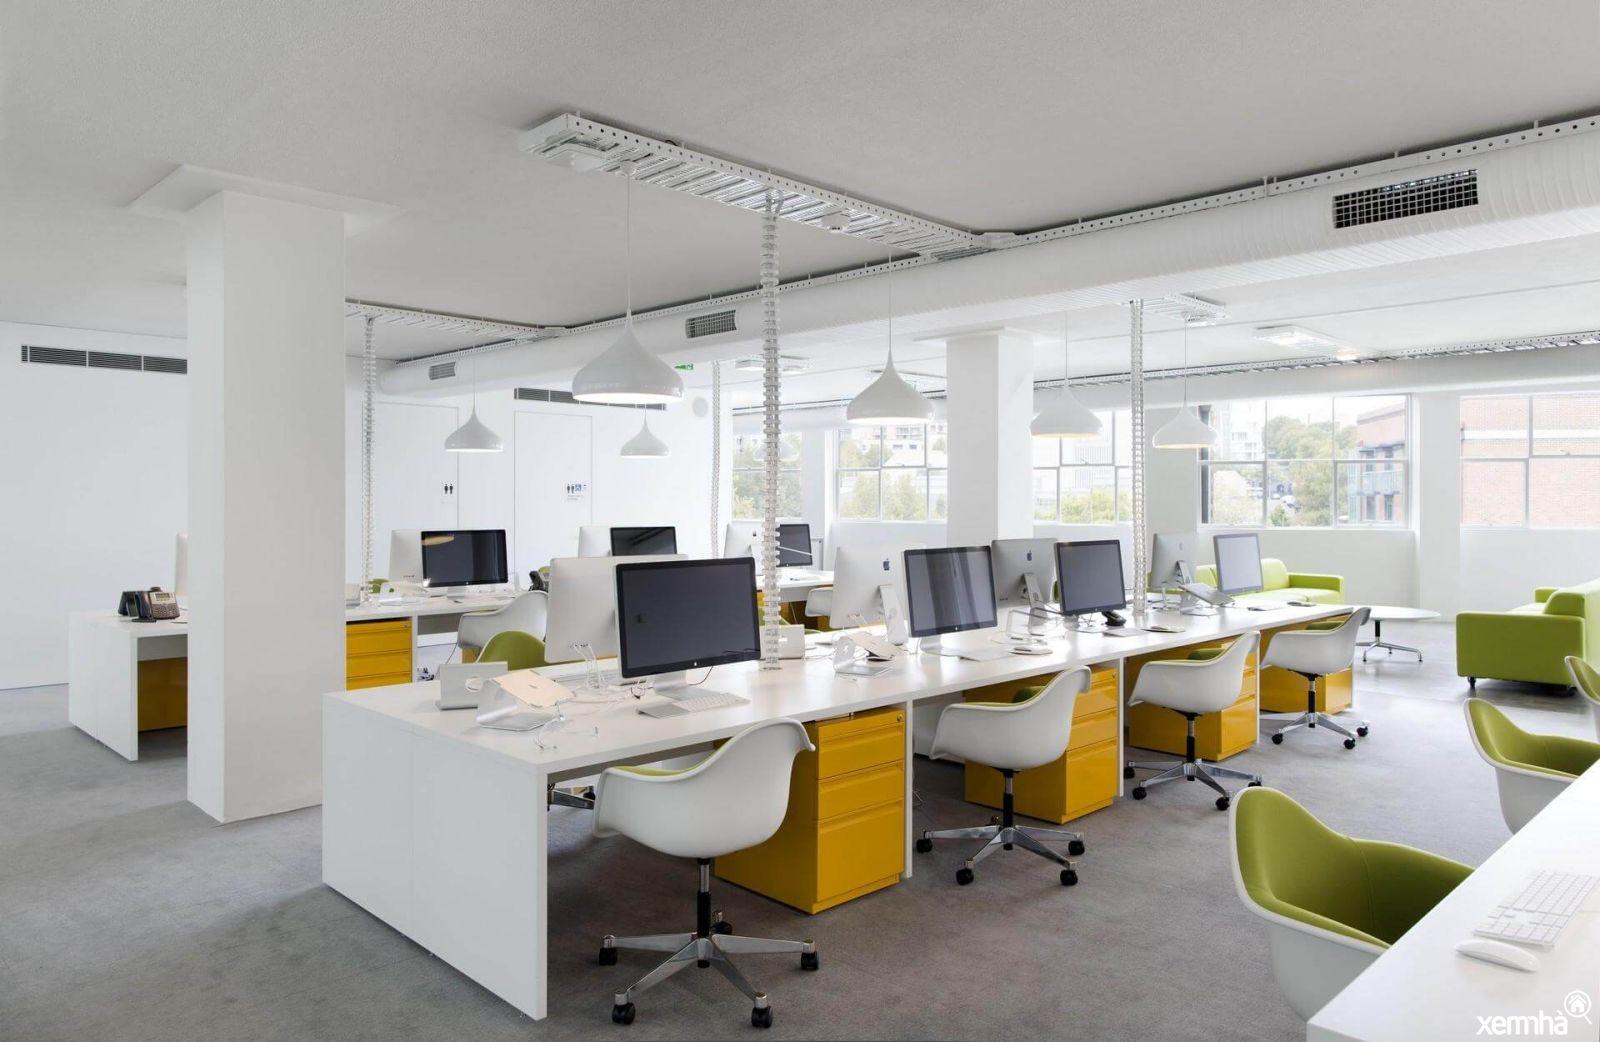 Những nguyên tắc sắp xếp bàn làm việc trong văn phòng